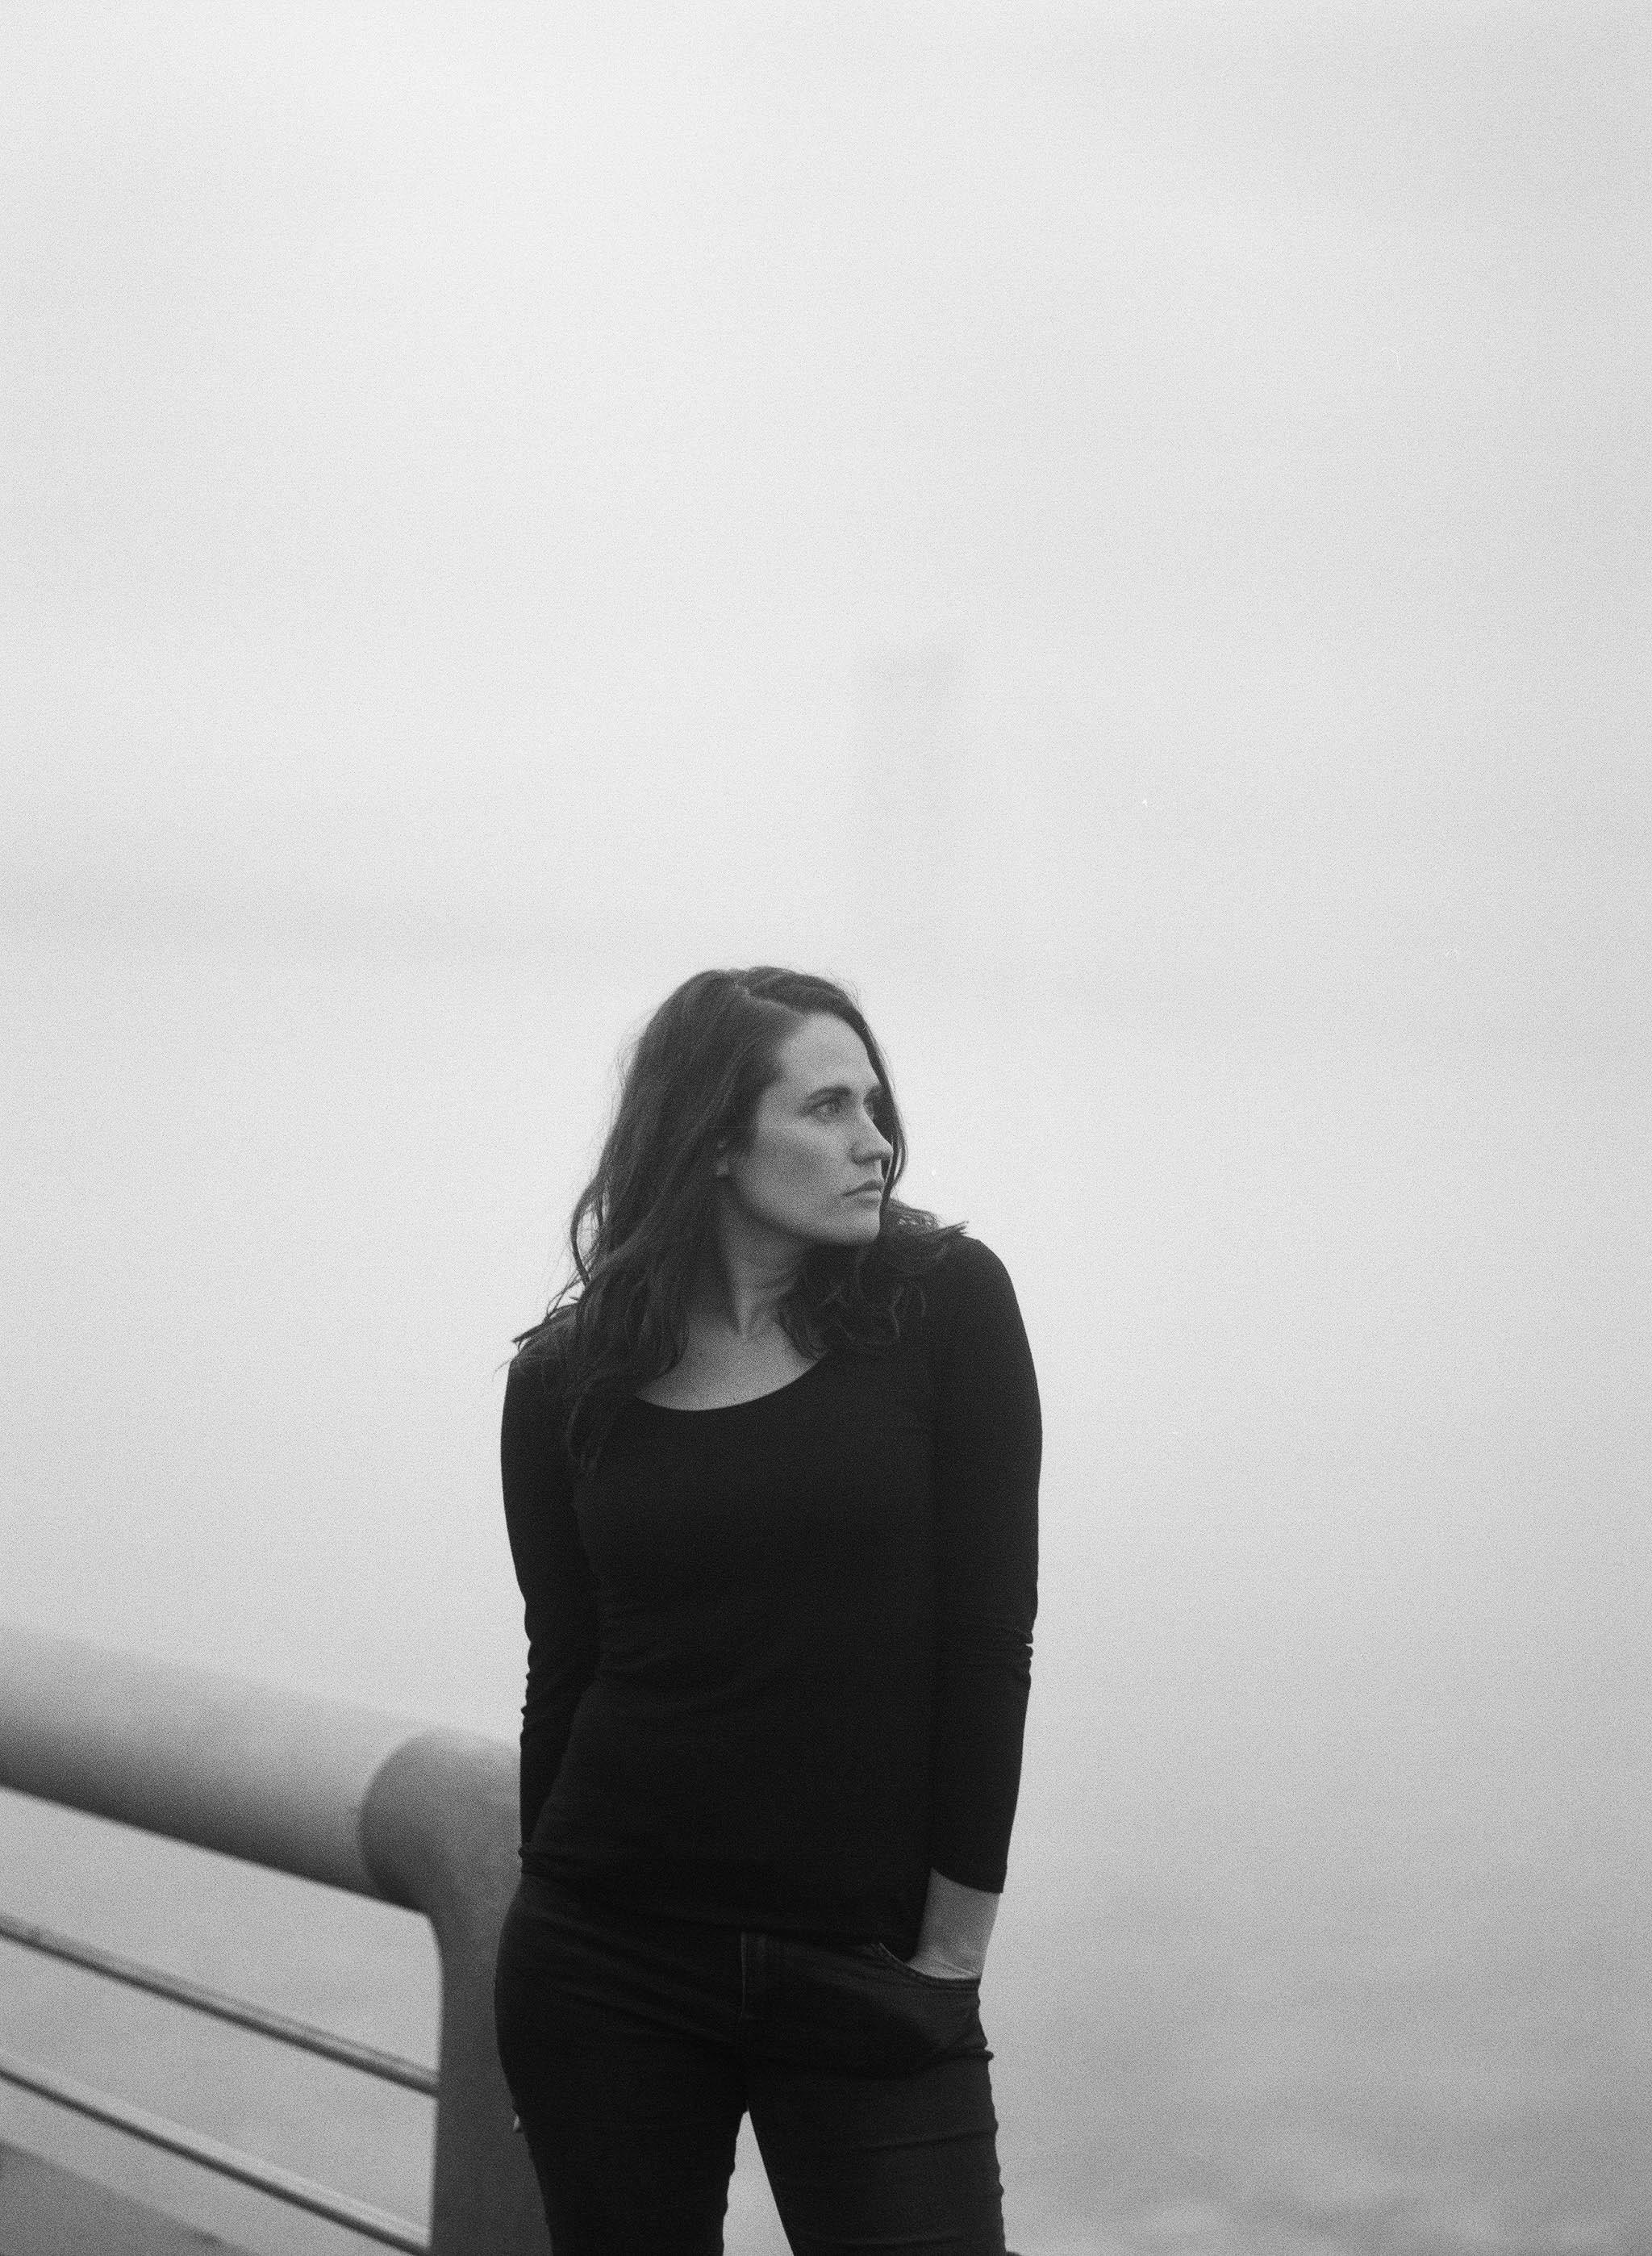 Kristen-Humbert-Philadelphia_Portrait_Photographer_Scarlett_Redmond_BnW-90310004.jpg